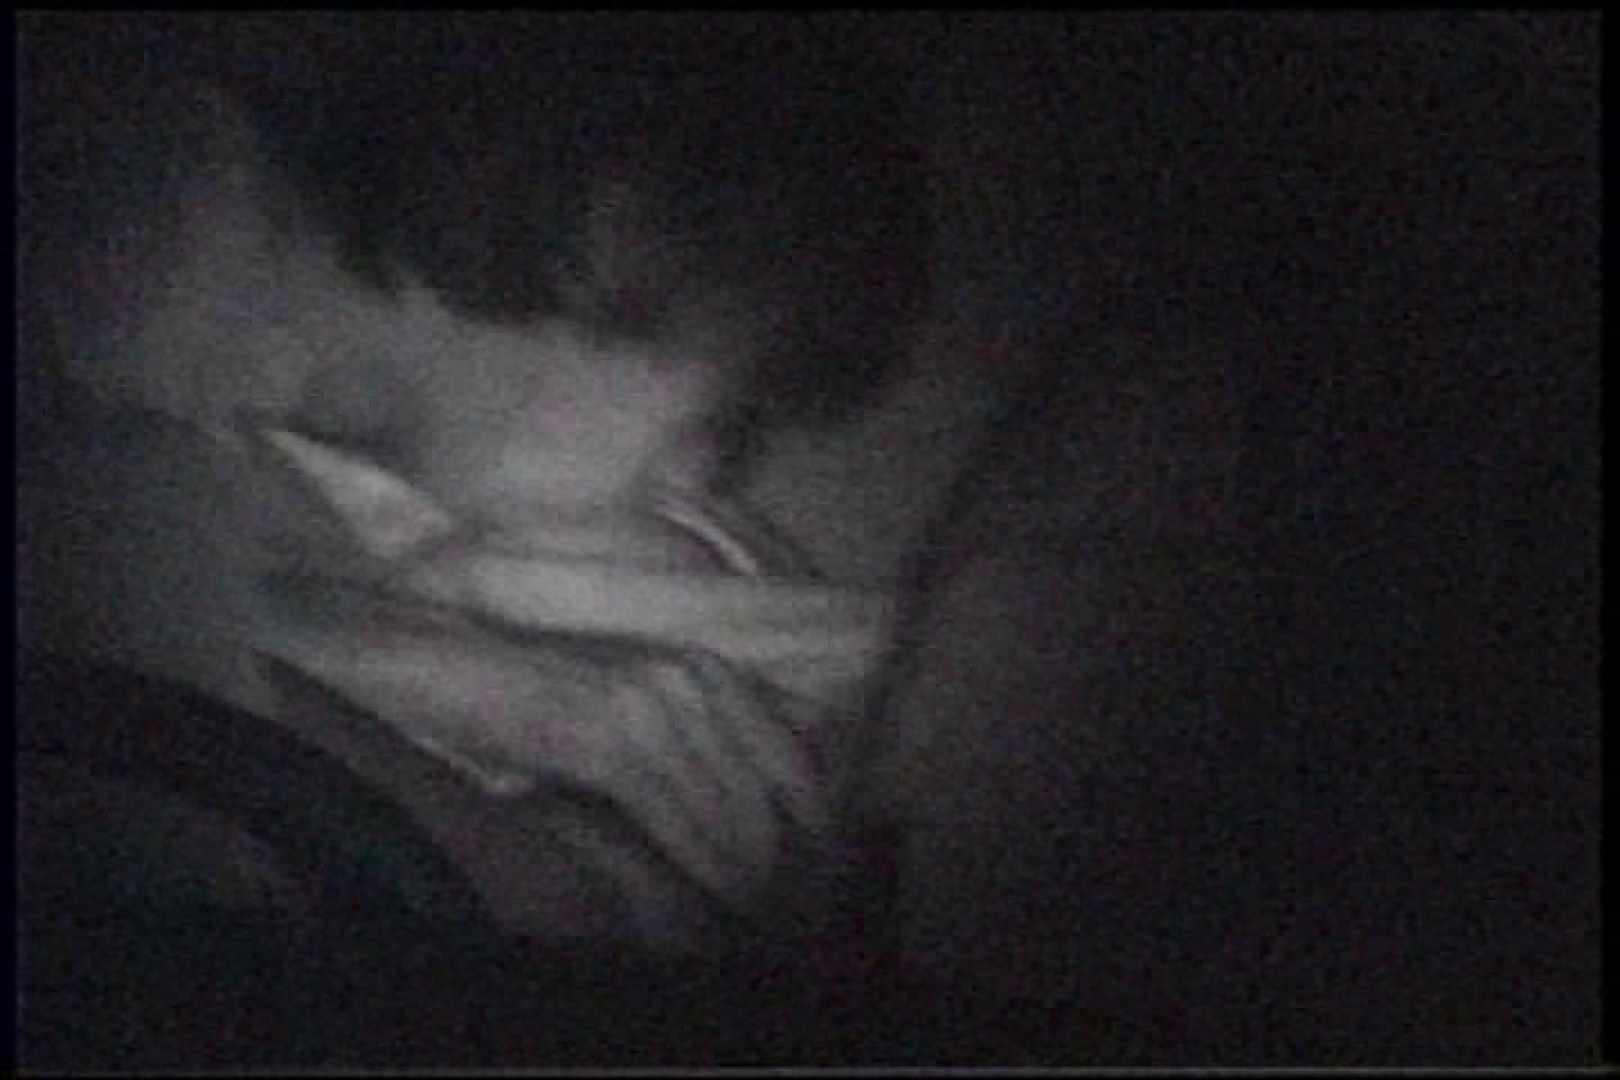 充血監督の深夜の運動会Vol.236 おっぱい特集  52pic 33